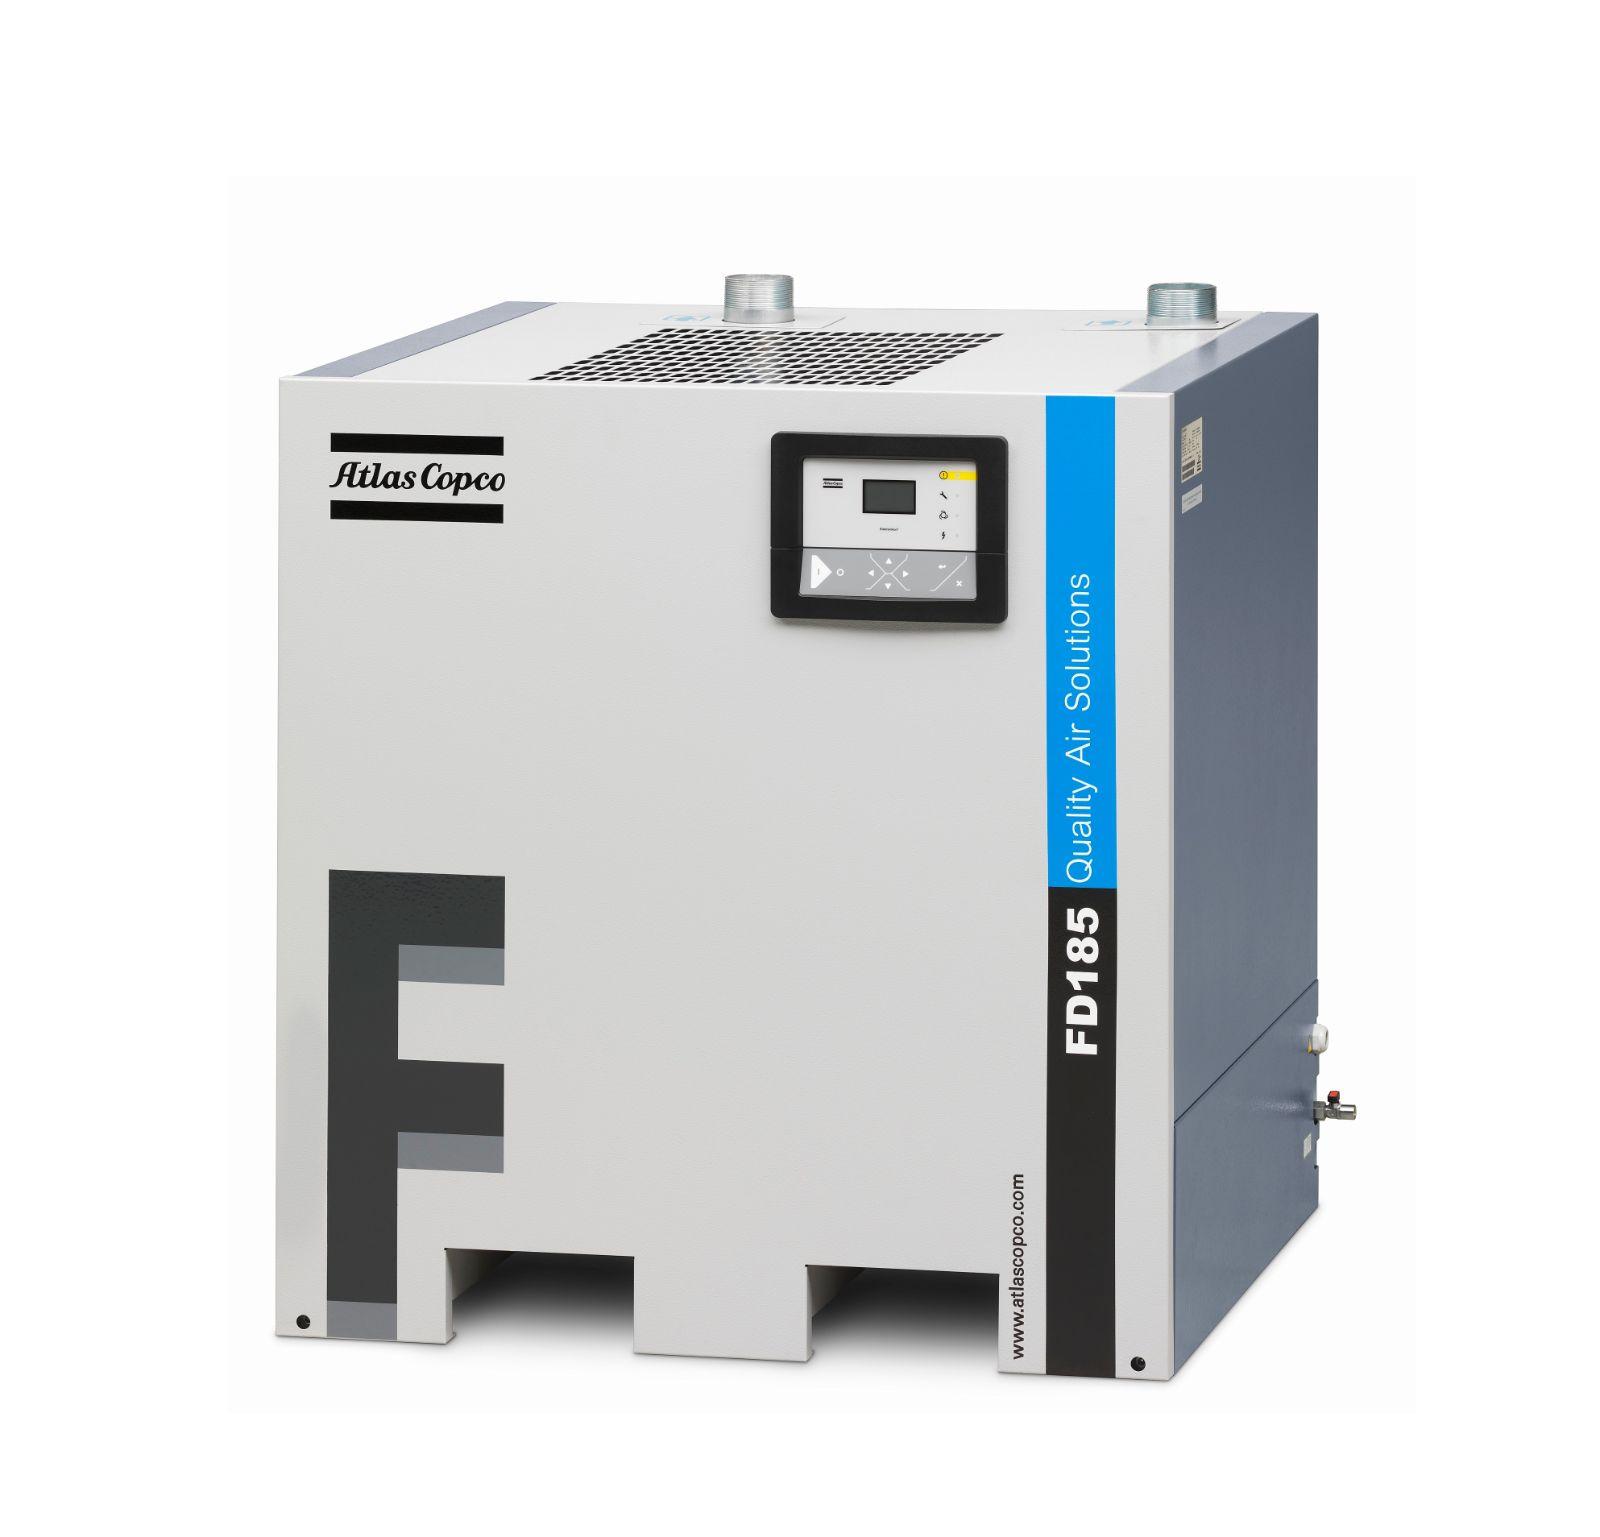 FD 高溫智能冷凍式干燥機